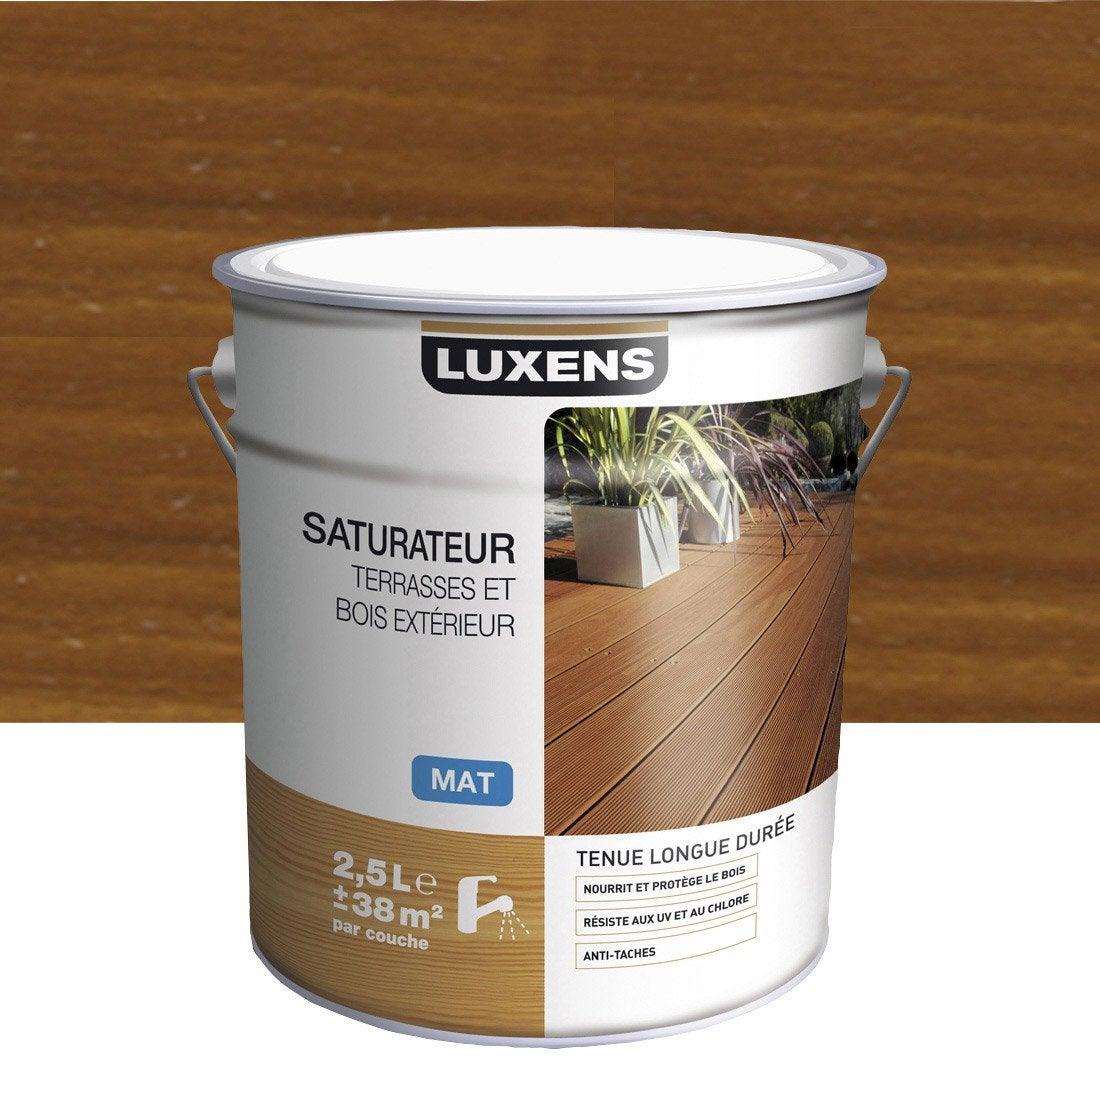 Terrasse Teck Leroy Merlin : Saturateur bois LUXENS, teck, aspect mat, 2 5 L Leroy Merlin